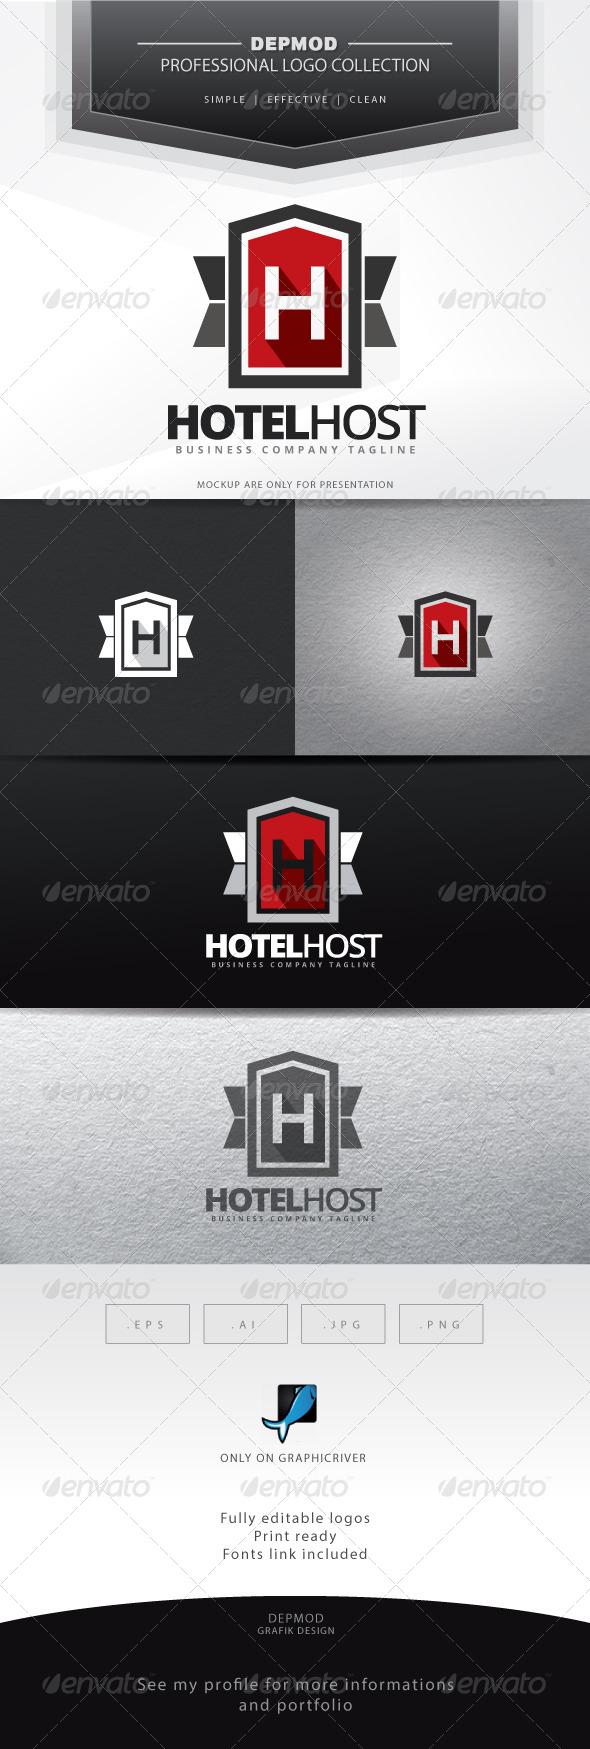 GraphicRiver Hotel Host Logo 7020326